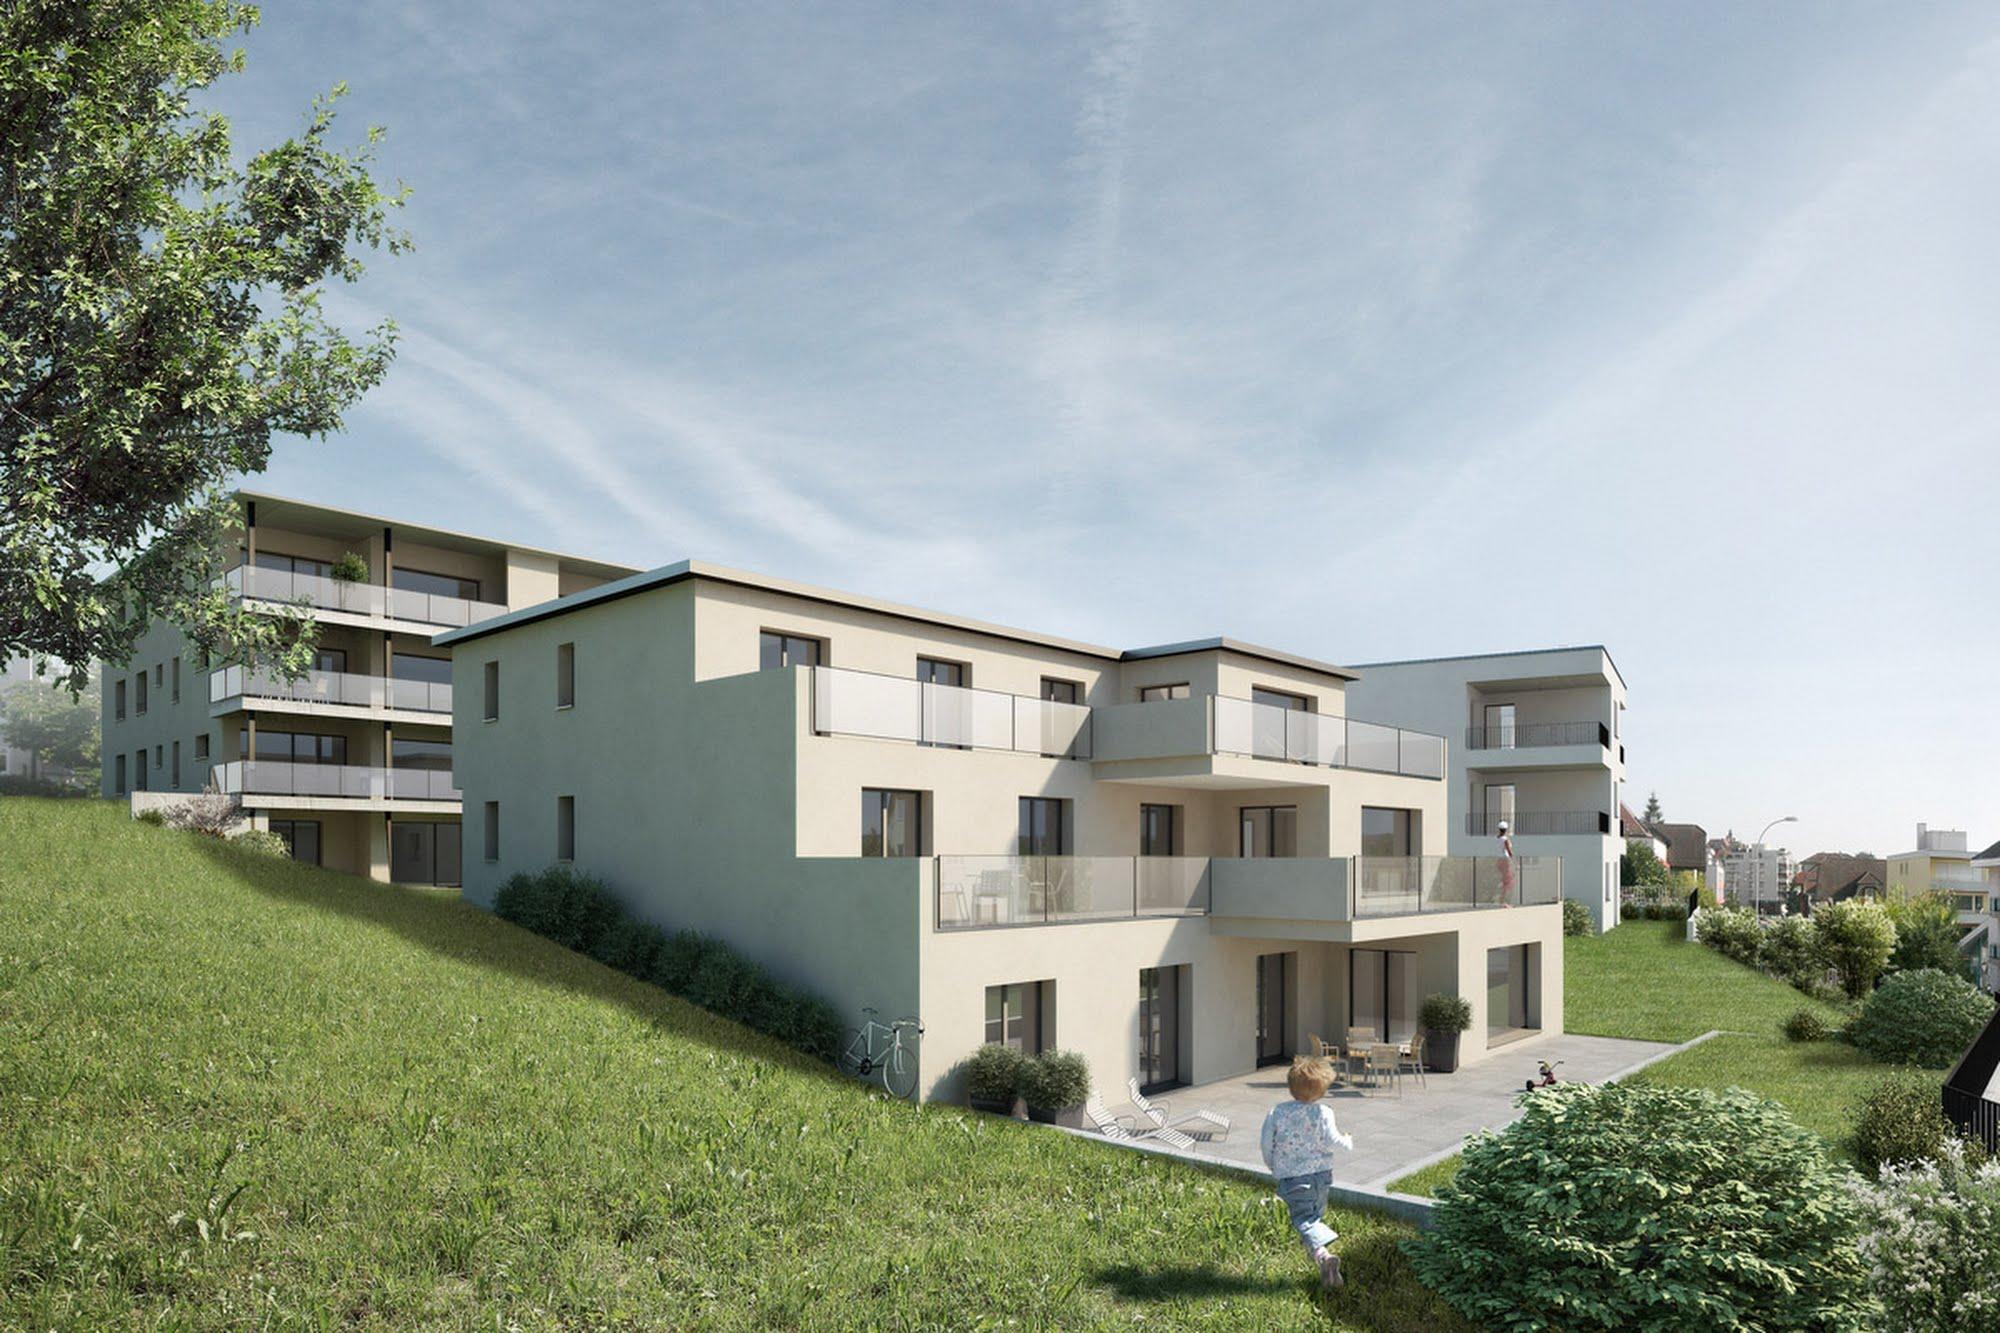 Wohnen MFH Überbauung Erlenstar Architektur,Wohnungsbau,Wohnhäuser,Einfamilienhäuser,Mehrfamilienhäuser